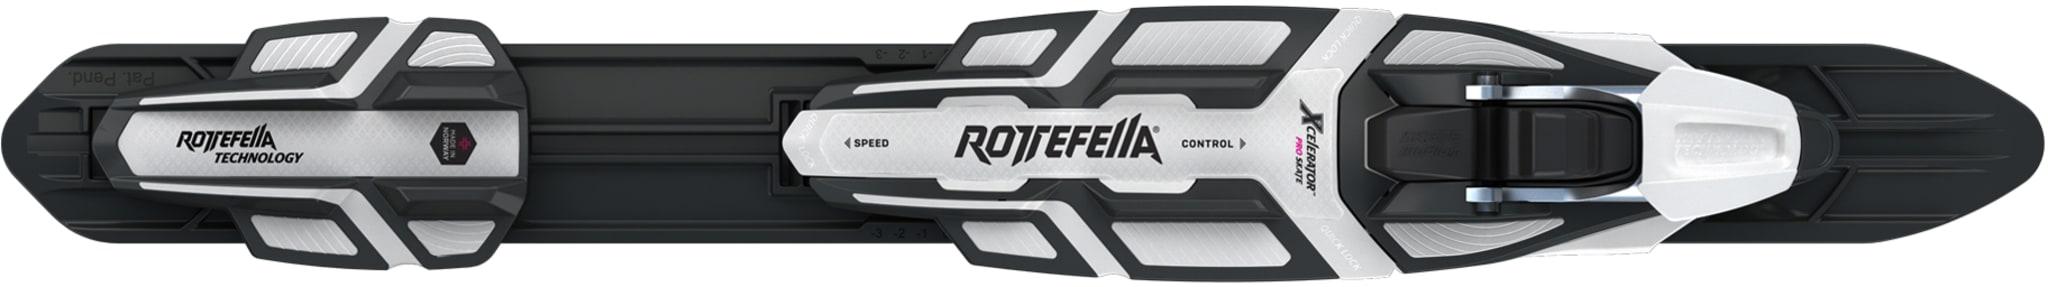 Langrennsbinding for skøyting, tilpasset Rottefella Move™